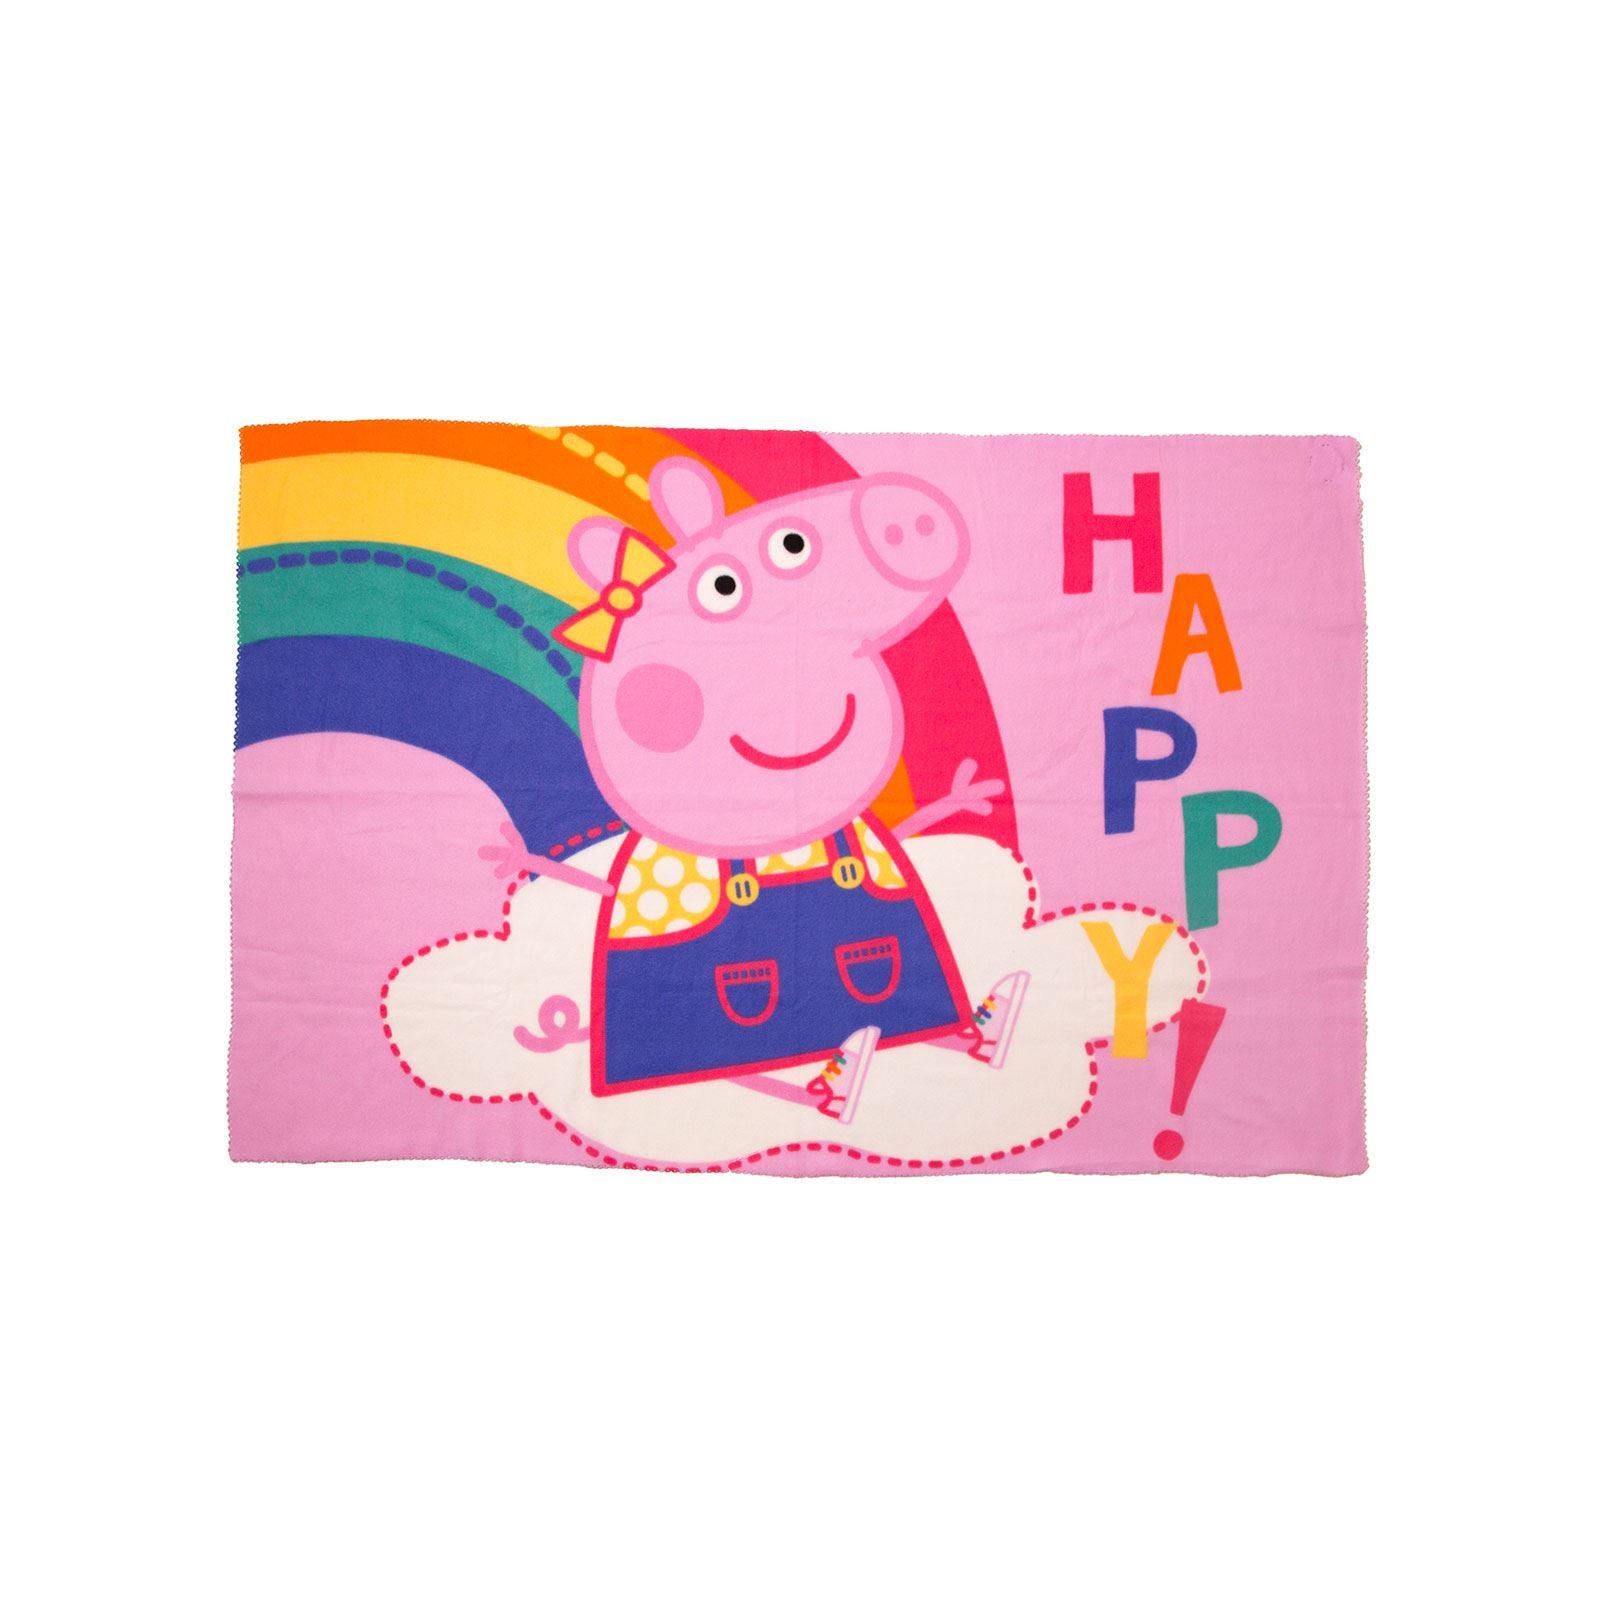 PERSONNAGE-OFFICIEL-polaire-pour-enfants-Blankets-POKEMON-LEGO-Peppa-Pig